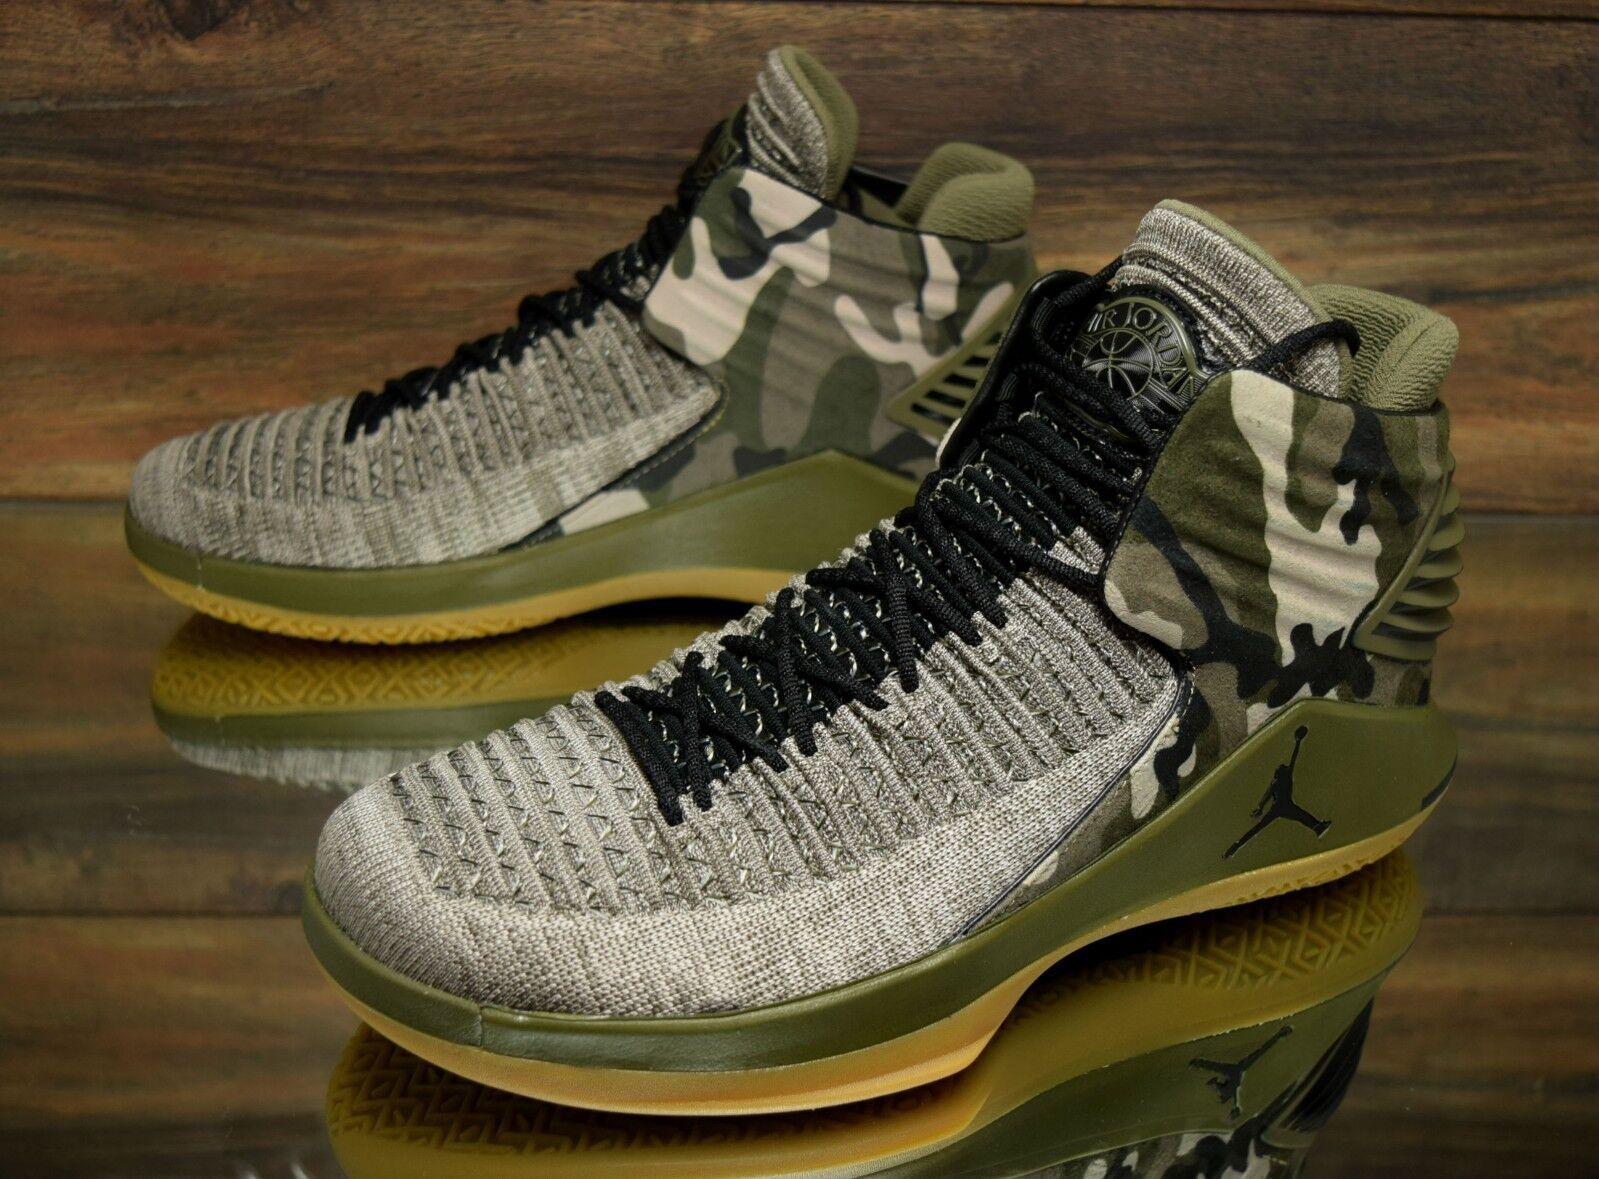 Air Jordan XXXII CAMO aa1253-200 zapatillas de baloncesto de último los hombres comodo el último de descuento zapatos para hombres y mujeres 7546e2